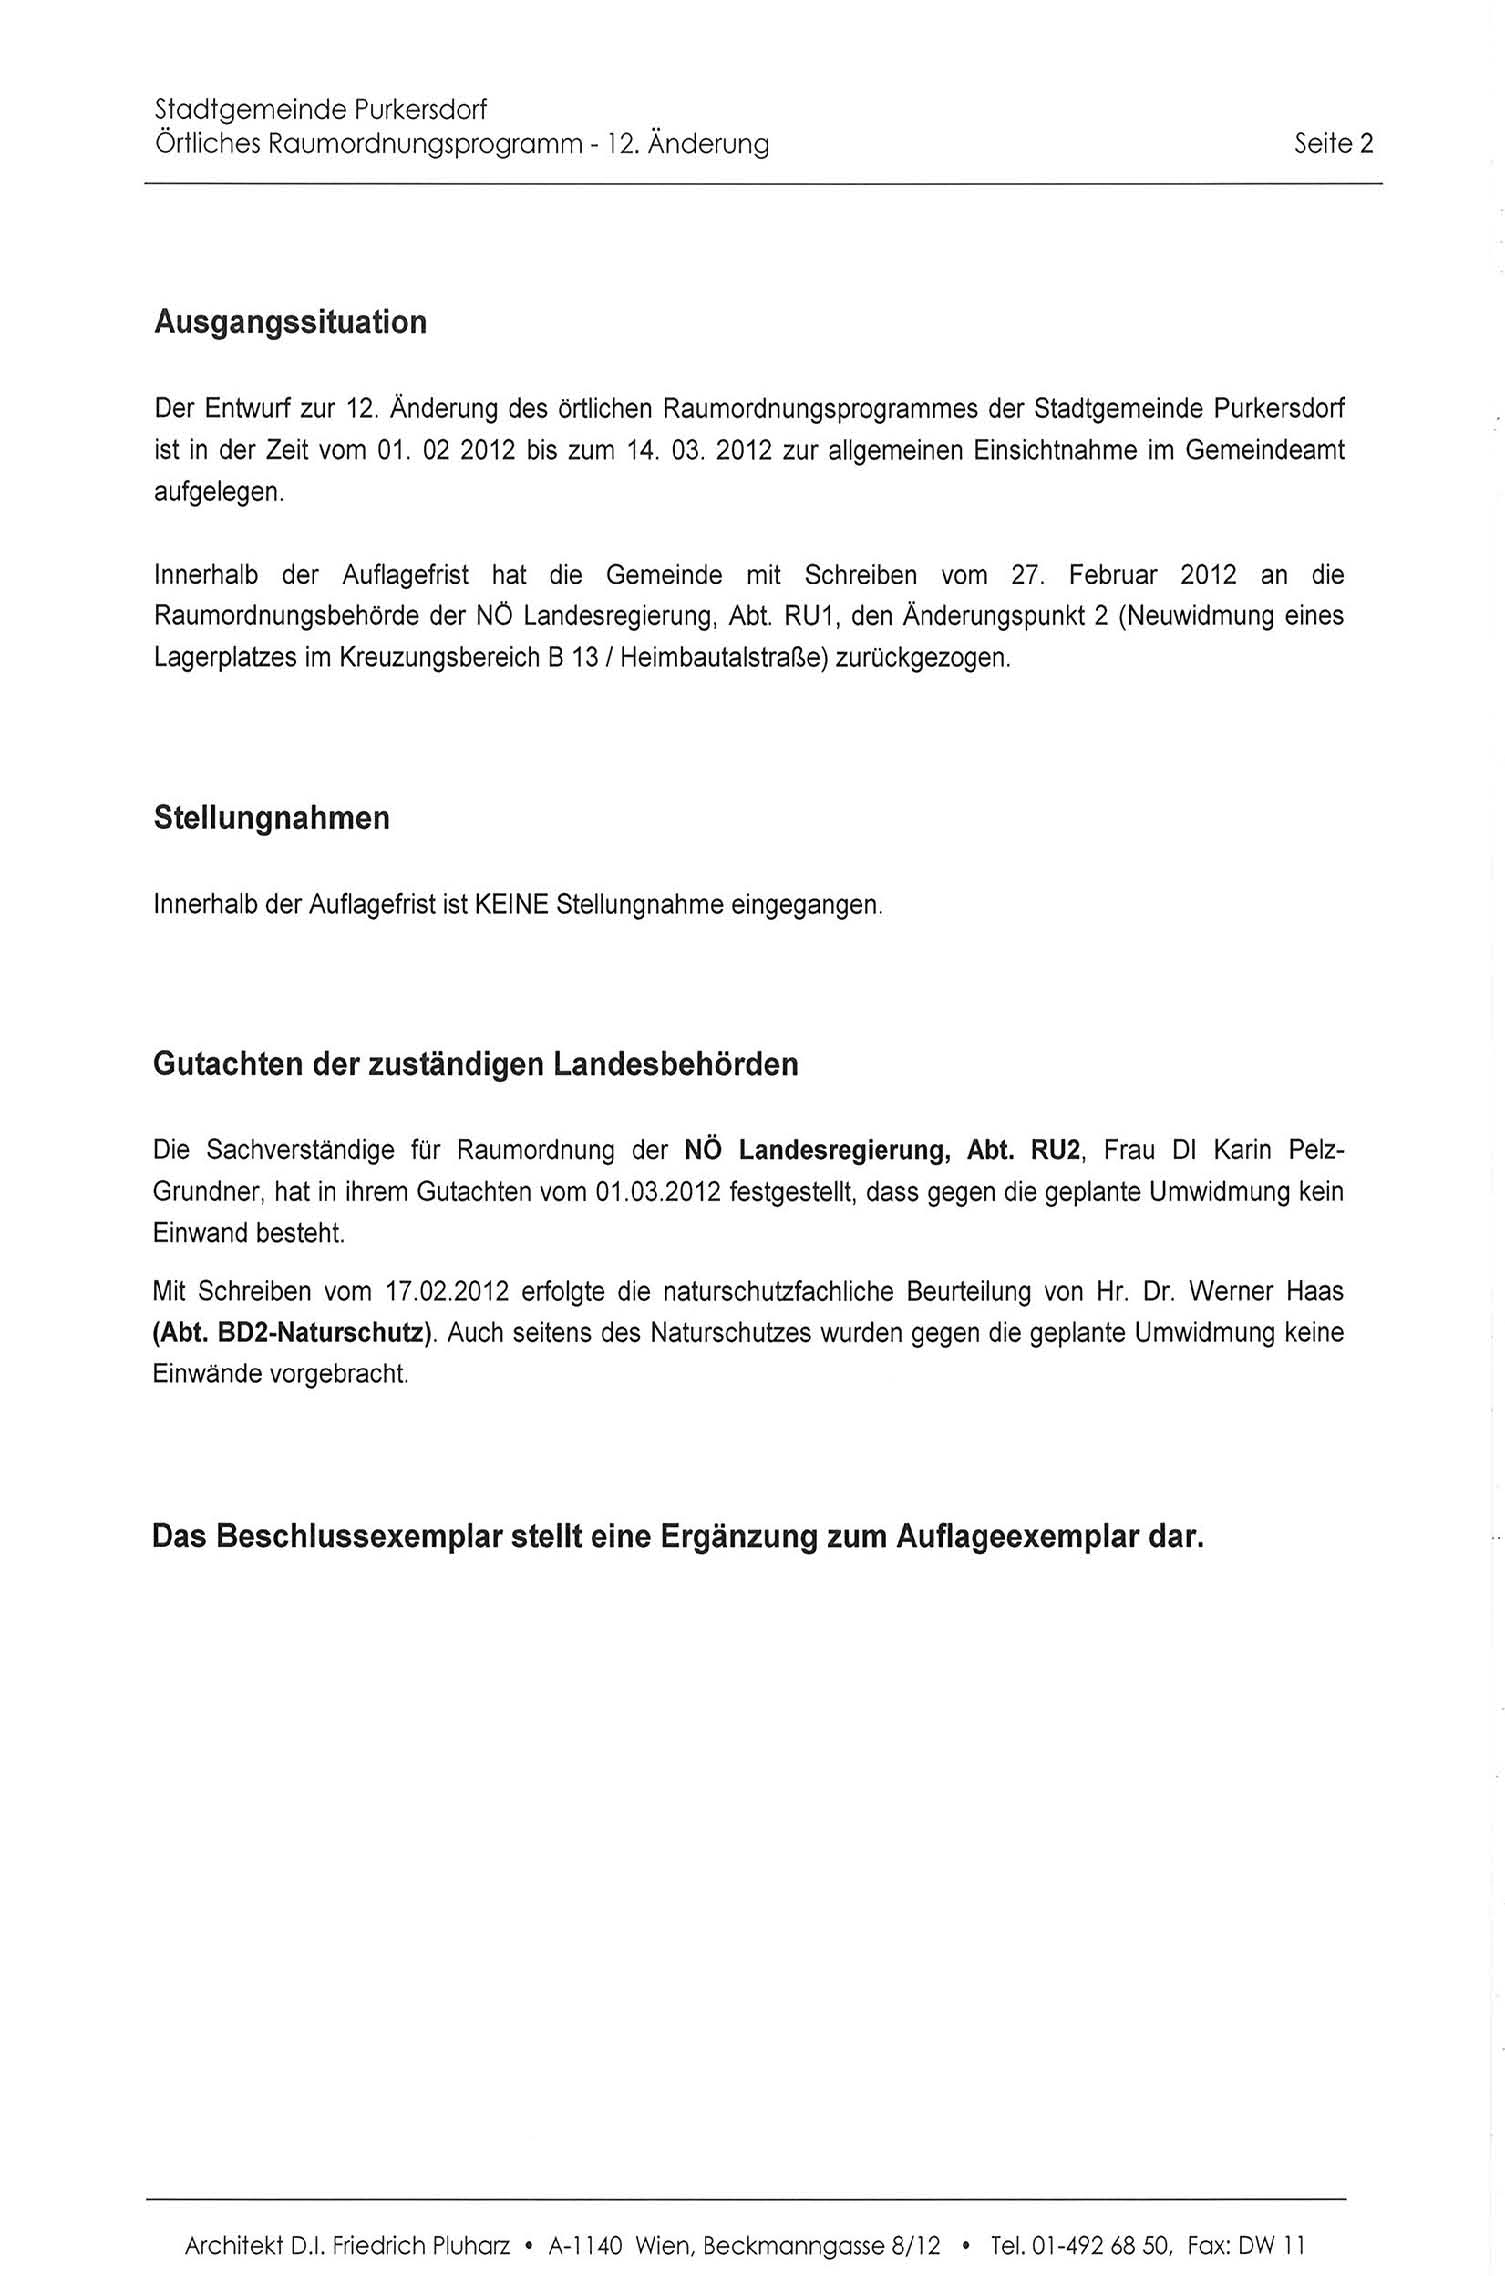 Purkersdorf: Protokoll Gemeinderatssitzung 27.3.2012